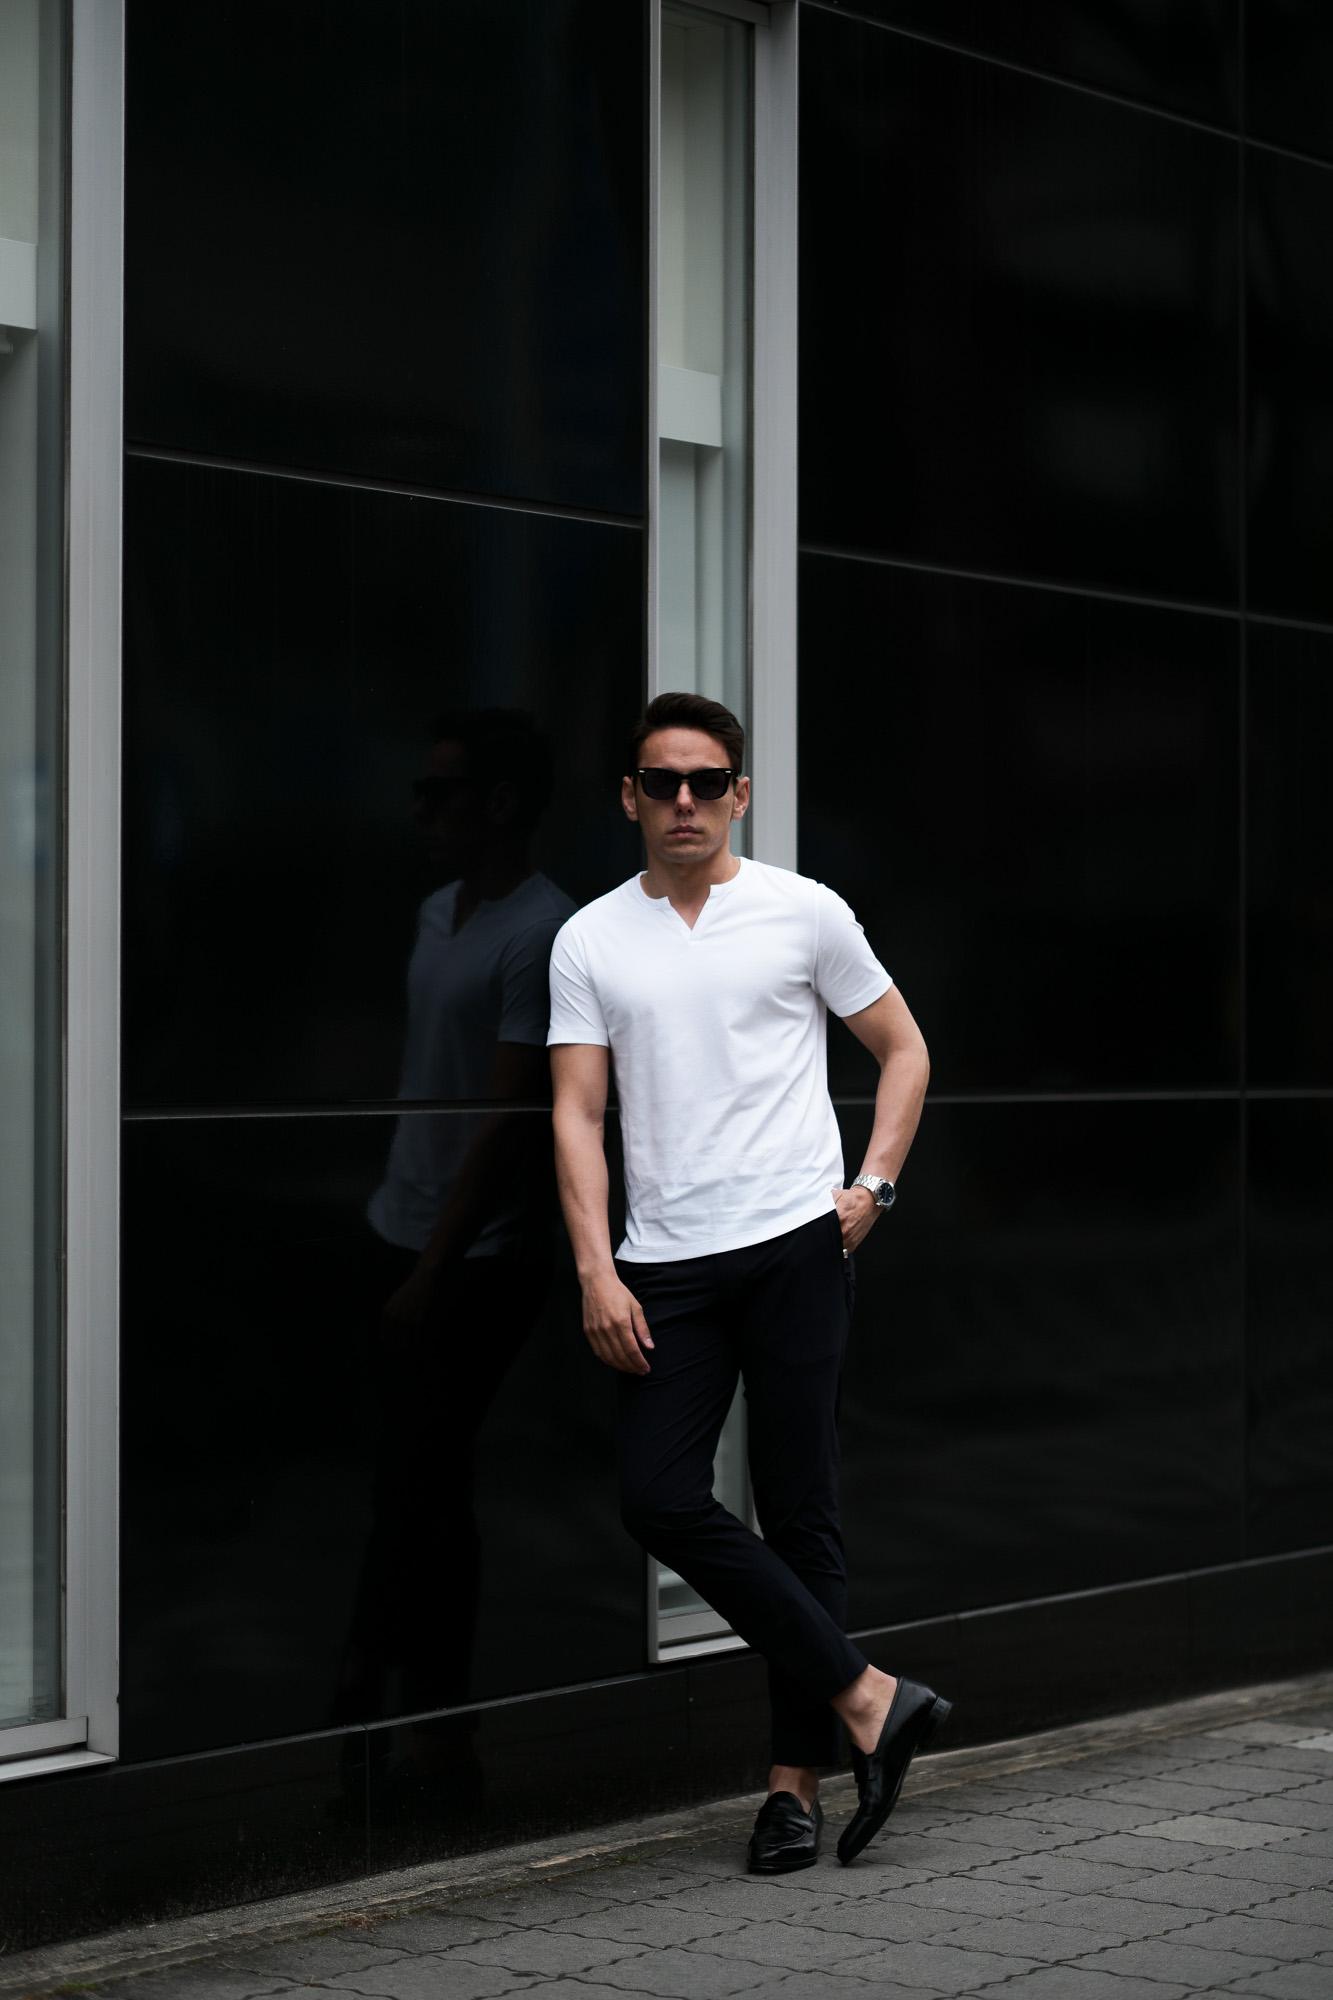 nomiamo (ノミアモ) SUPIMA 80/1 Key Neck T-shirt スーピマコットン キーネック Tシャツ WHITE (ホワイト) 2021 春夏 【Alto e Diritto別注】【Special限定モデル】【ご予約開始】愛知 名古屋 Altoediritto アルトエデリット カットソー 半袖Tシャツ